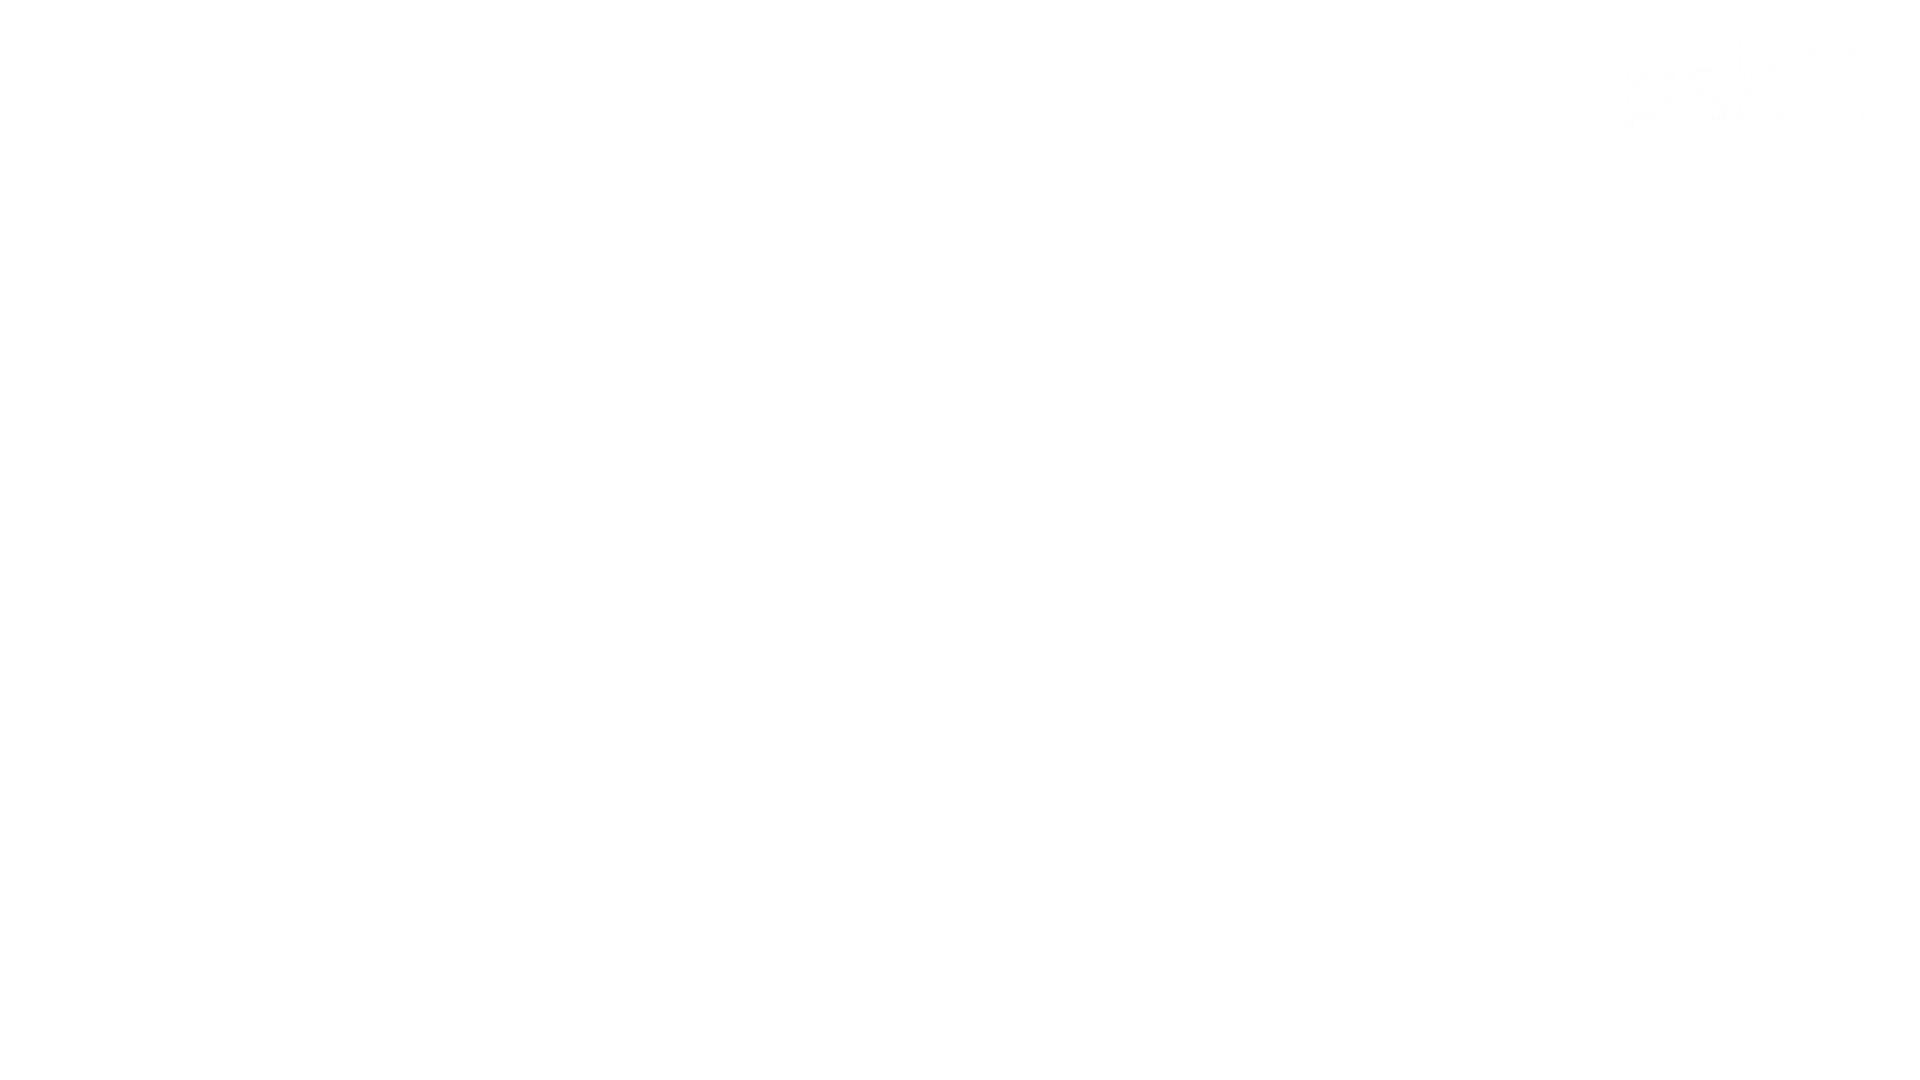 ▲復活限定▲ハイビジョン 盗神伝 Vol.11 ギャル攻め | 洗面所  103画像 10